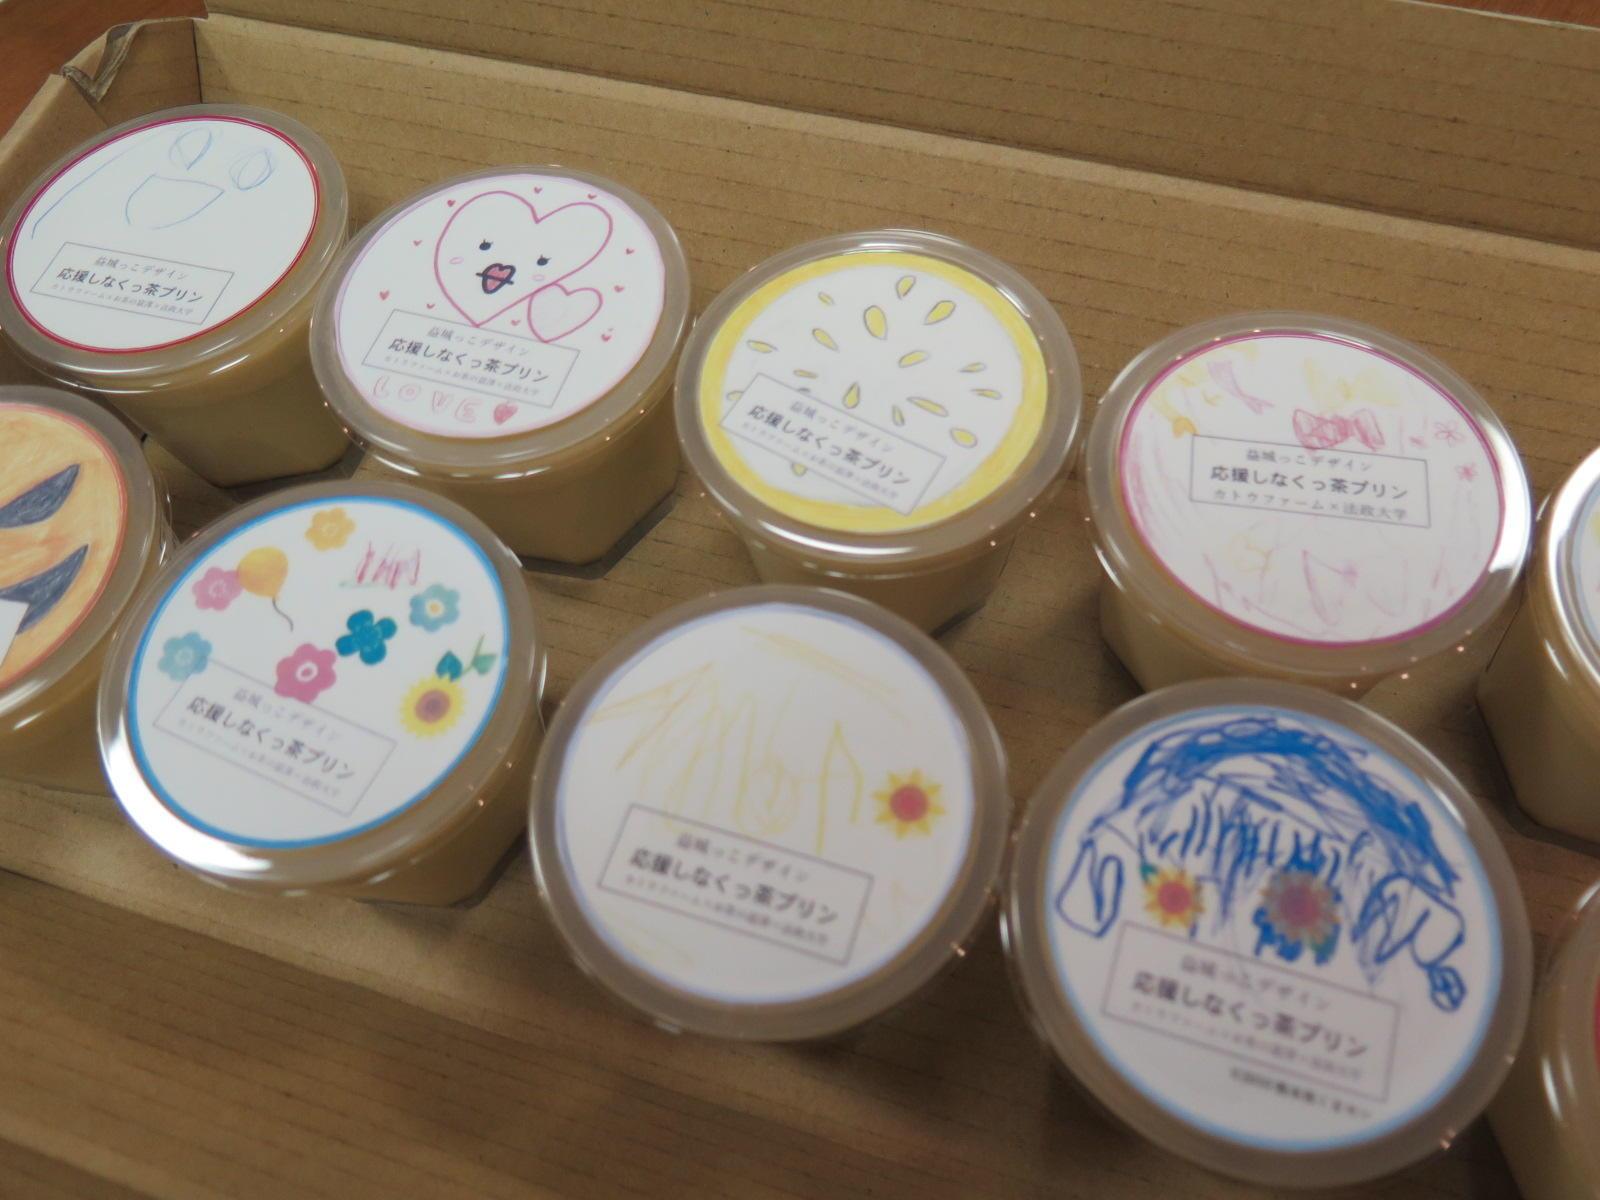 法政大学生が地域連携で企画、熊本・益城町の緑茶と東京・町田の卵を使用した「益城町を応援しなくっ茶!プリン」を12/3(日)町田市役所イベントで販売